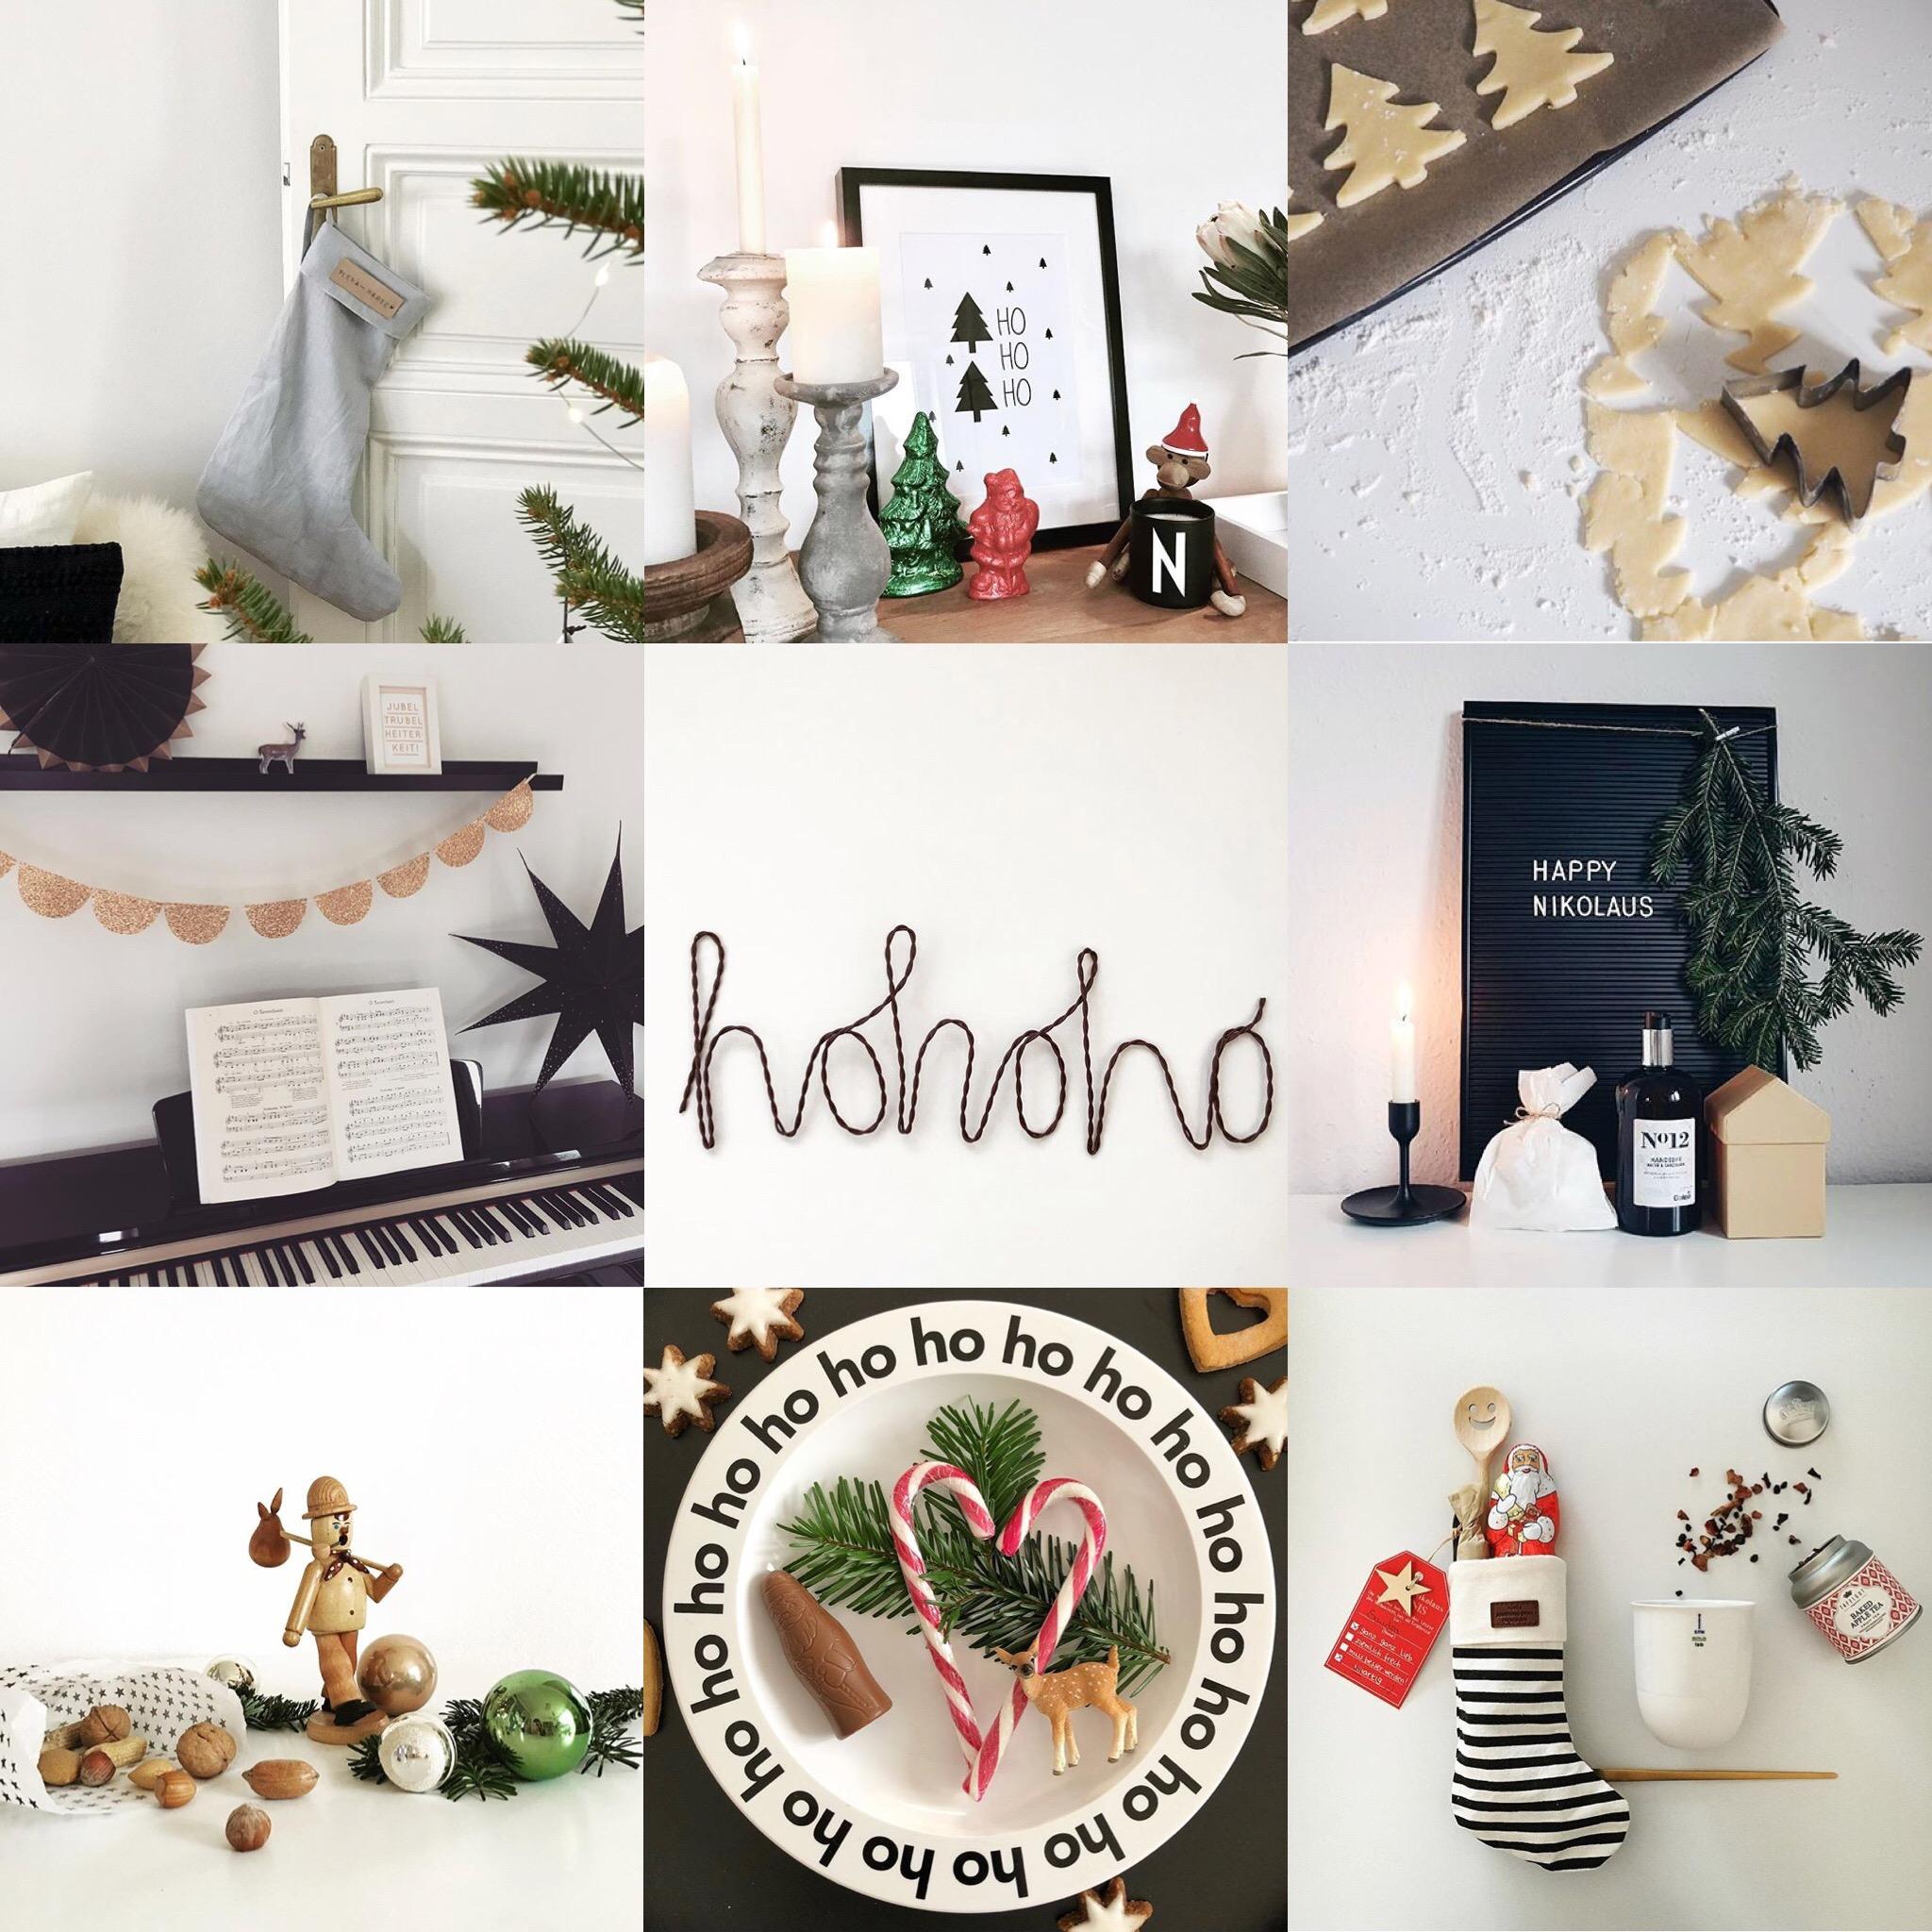 #zeigdein_traumzuhause Instagram Winterchallenge Weihnachtschallenge Traumzuhause